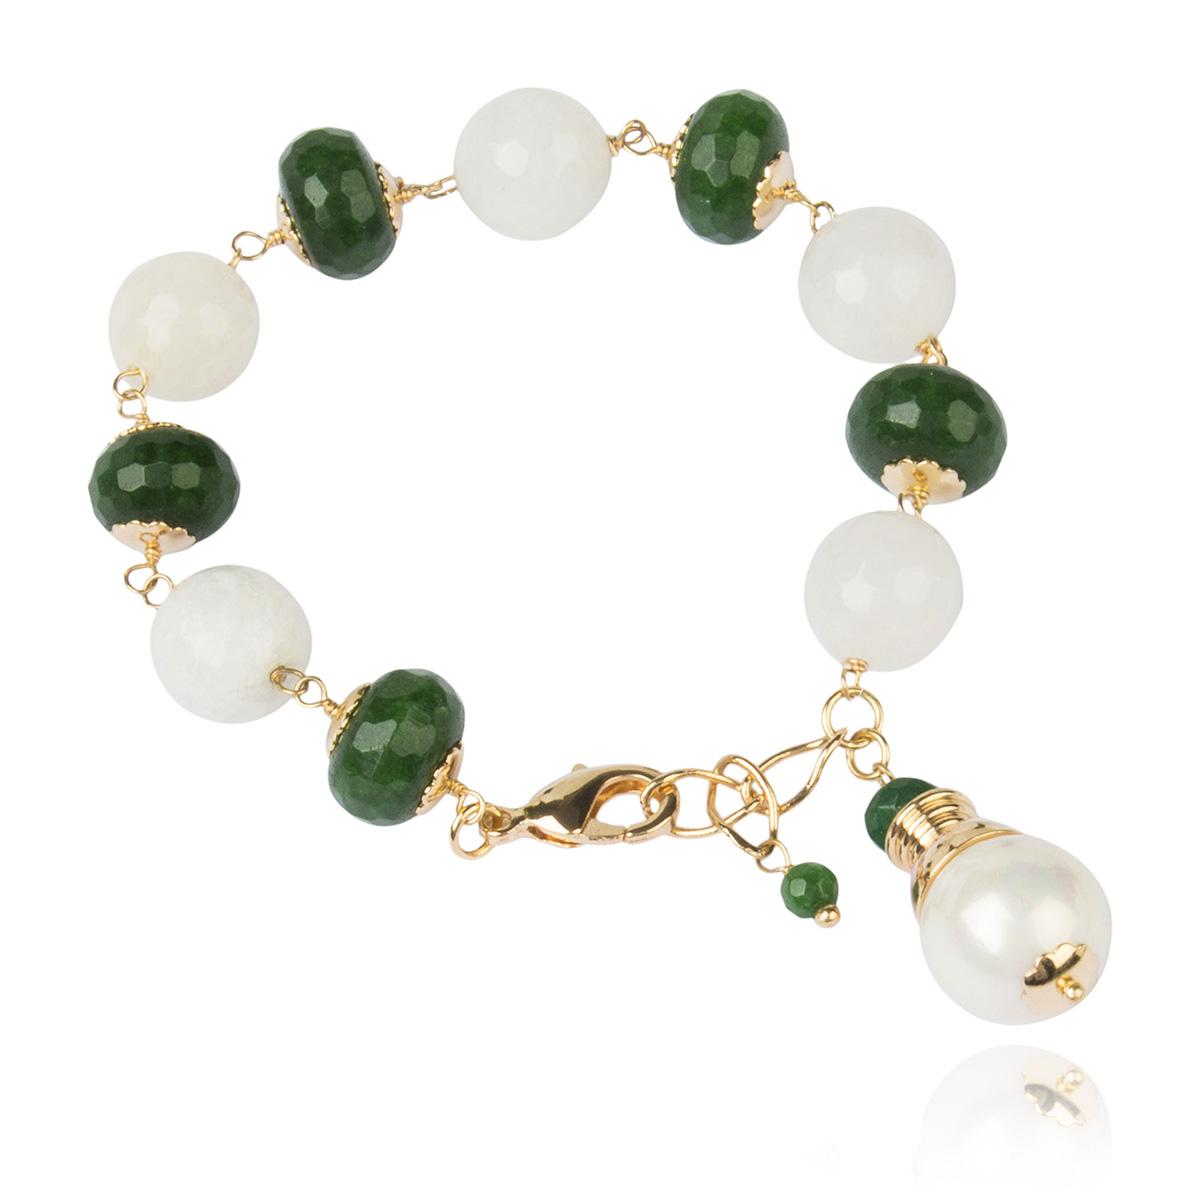 Pulseira de Pedras Naturais Quartzo Branco Leitoso e Jade Verde Semijoia em Ouro 18K  - Soloyou